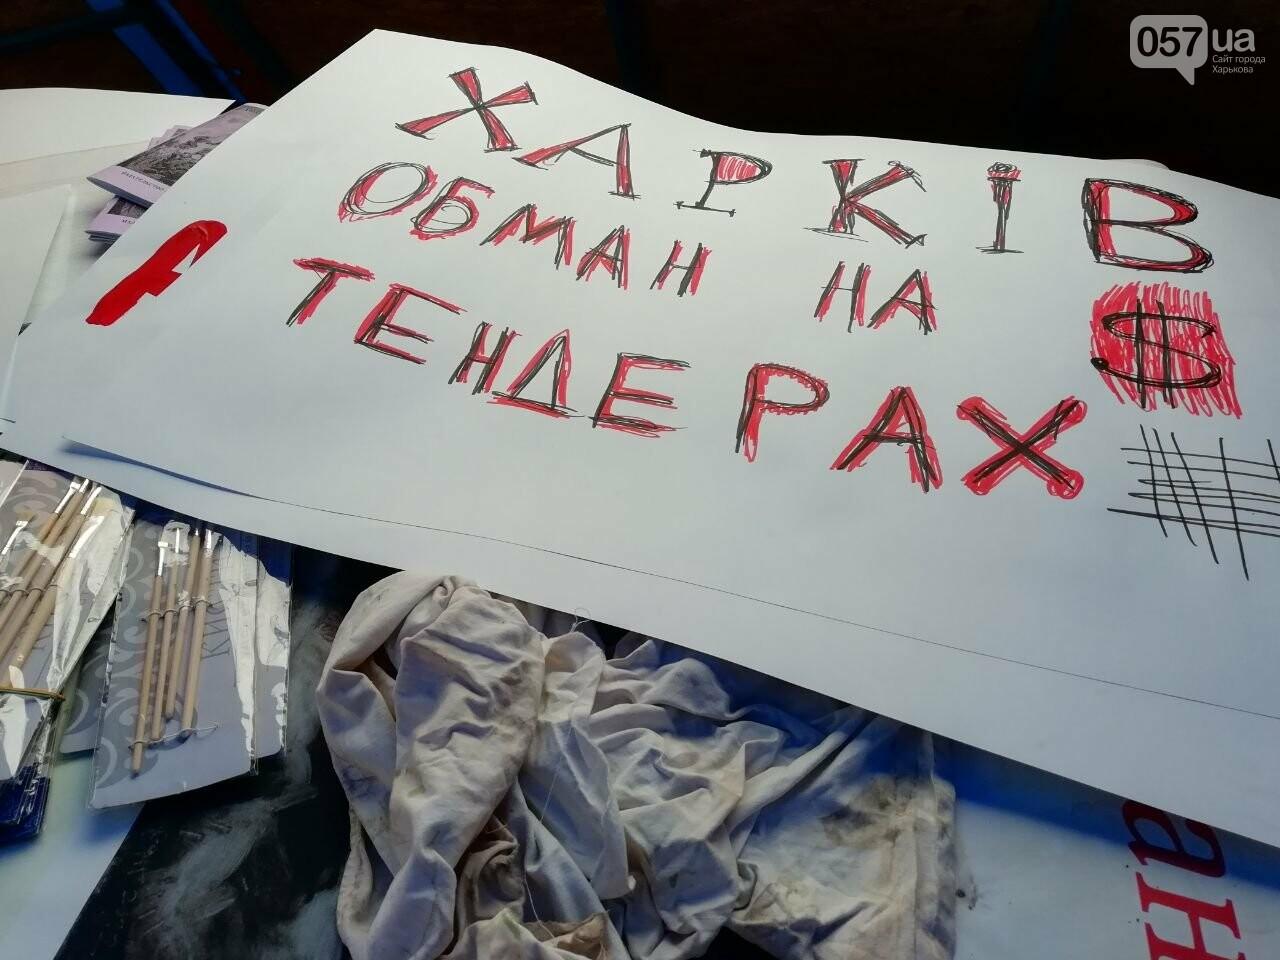 Нарисуй претензию к Кернесу: на площади Свободы организовали акцию, - ФОТО, фото-7